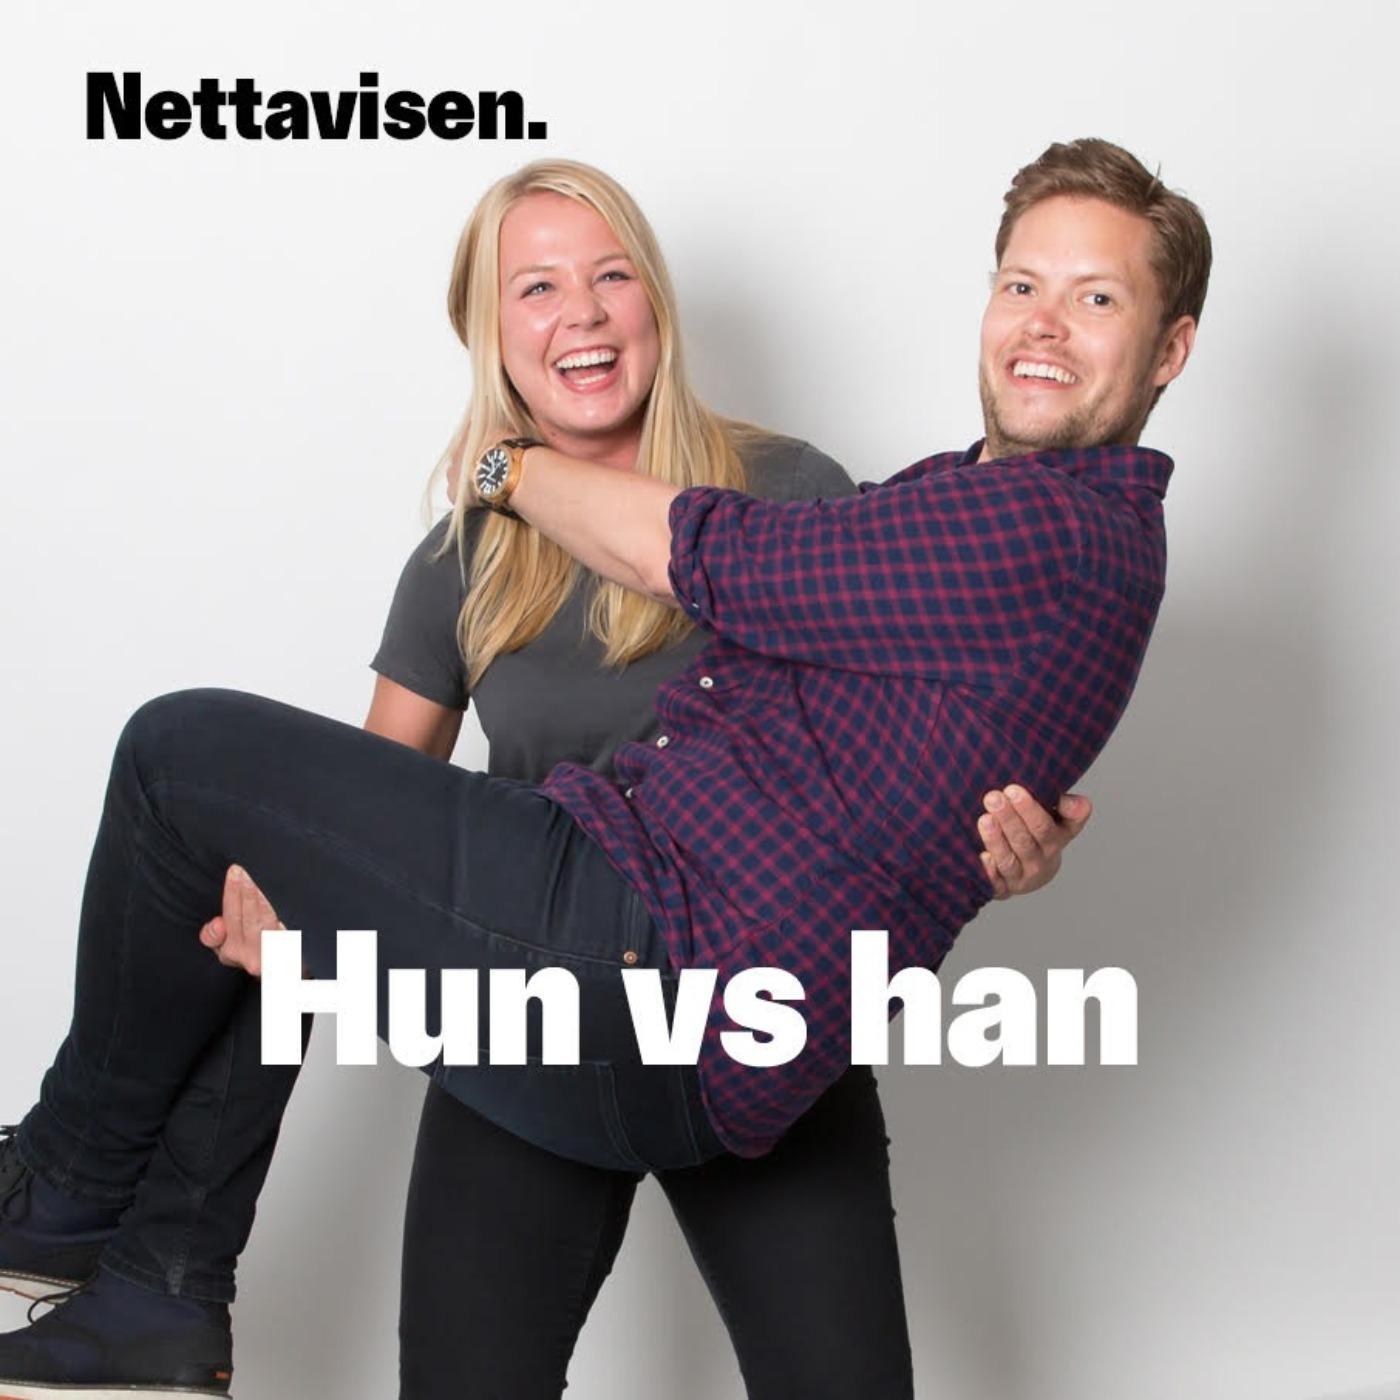 Kathrine sørland toppløs norge pornstar escort czech norwegian chat prostata vibrator noveller sex, Interracial dating i dagens samfunn datingside meldinger.